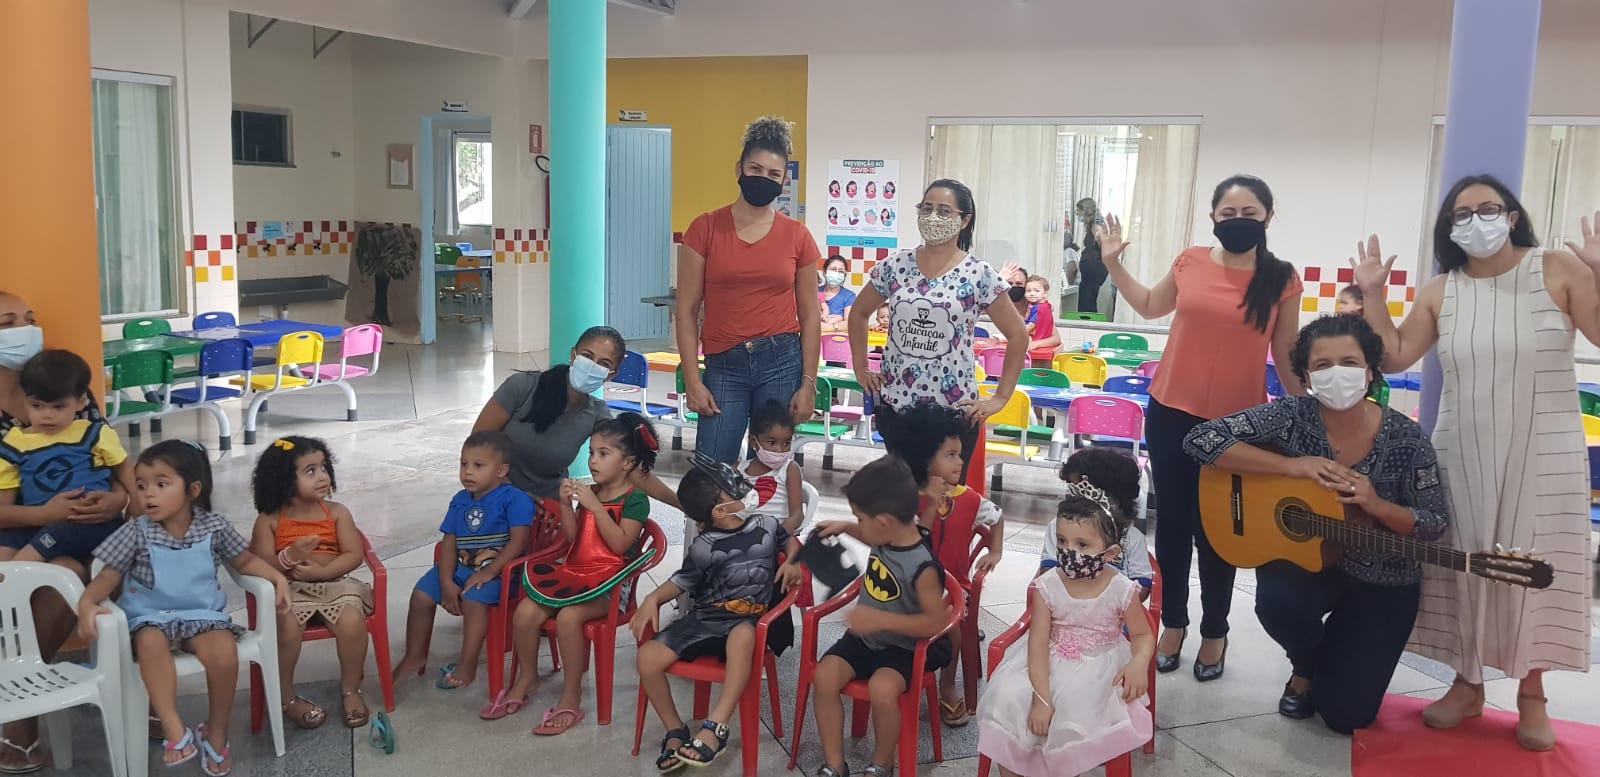 Crianças de Cmei de Palmas prestigiam apresentação cultural com resgate de cantigas de roda